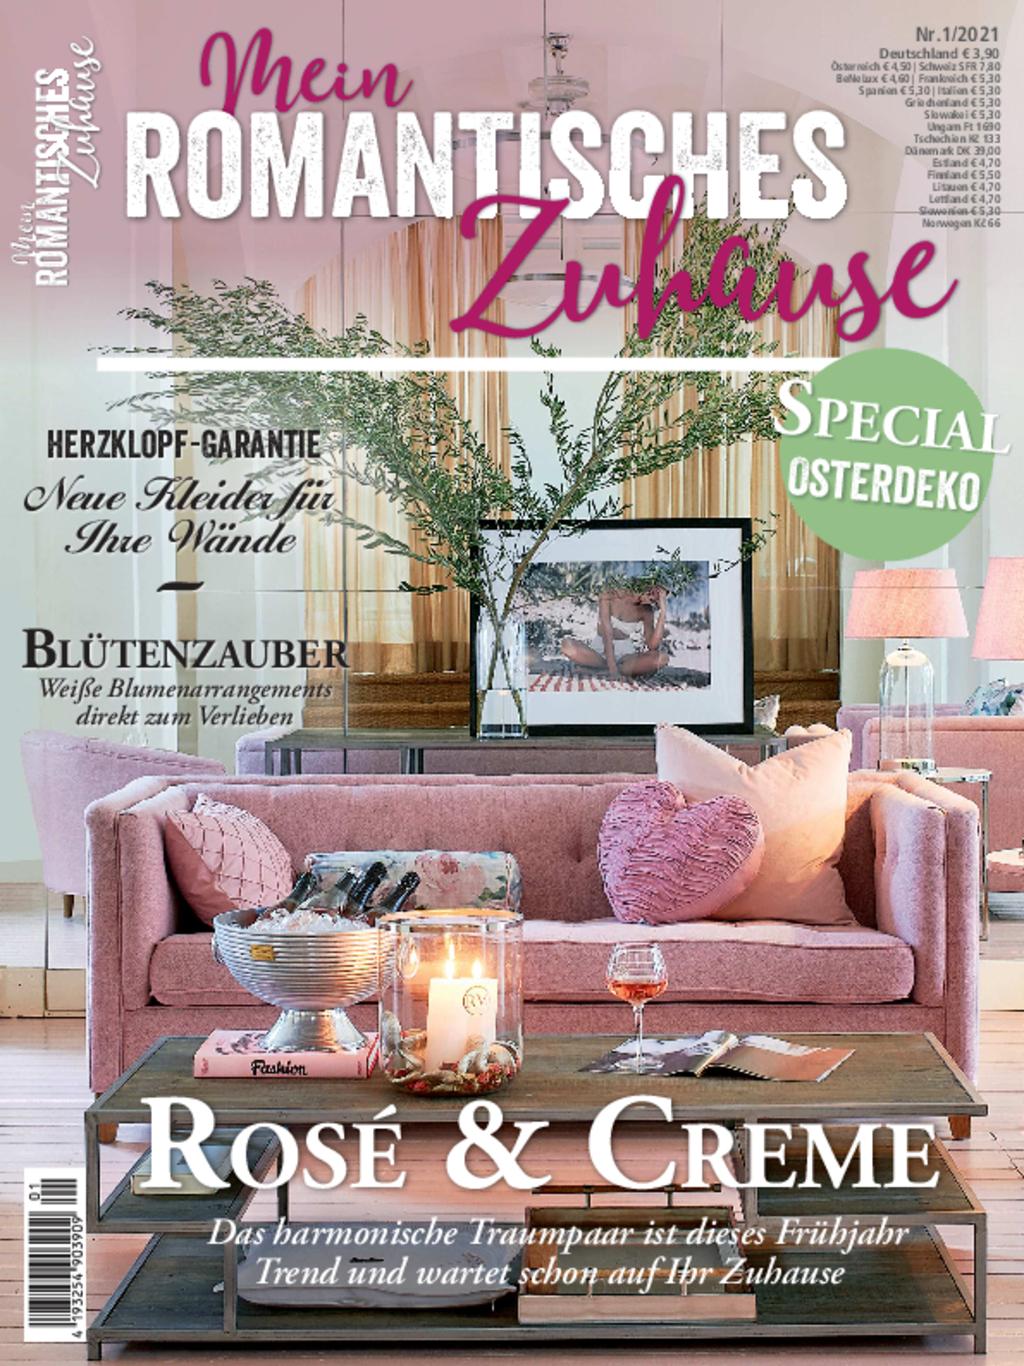 Mein romantisches Zuhause Nr. 01/2021 - Rosé & Creme